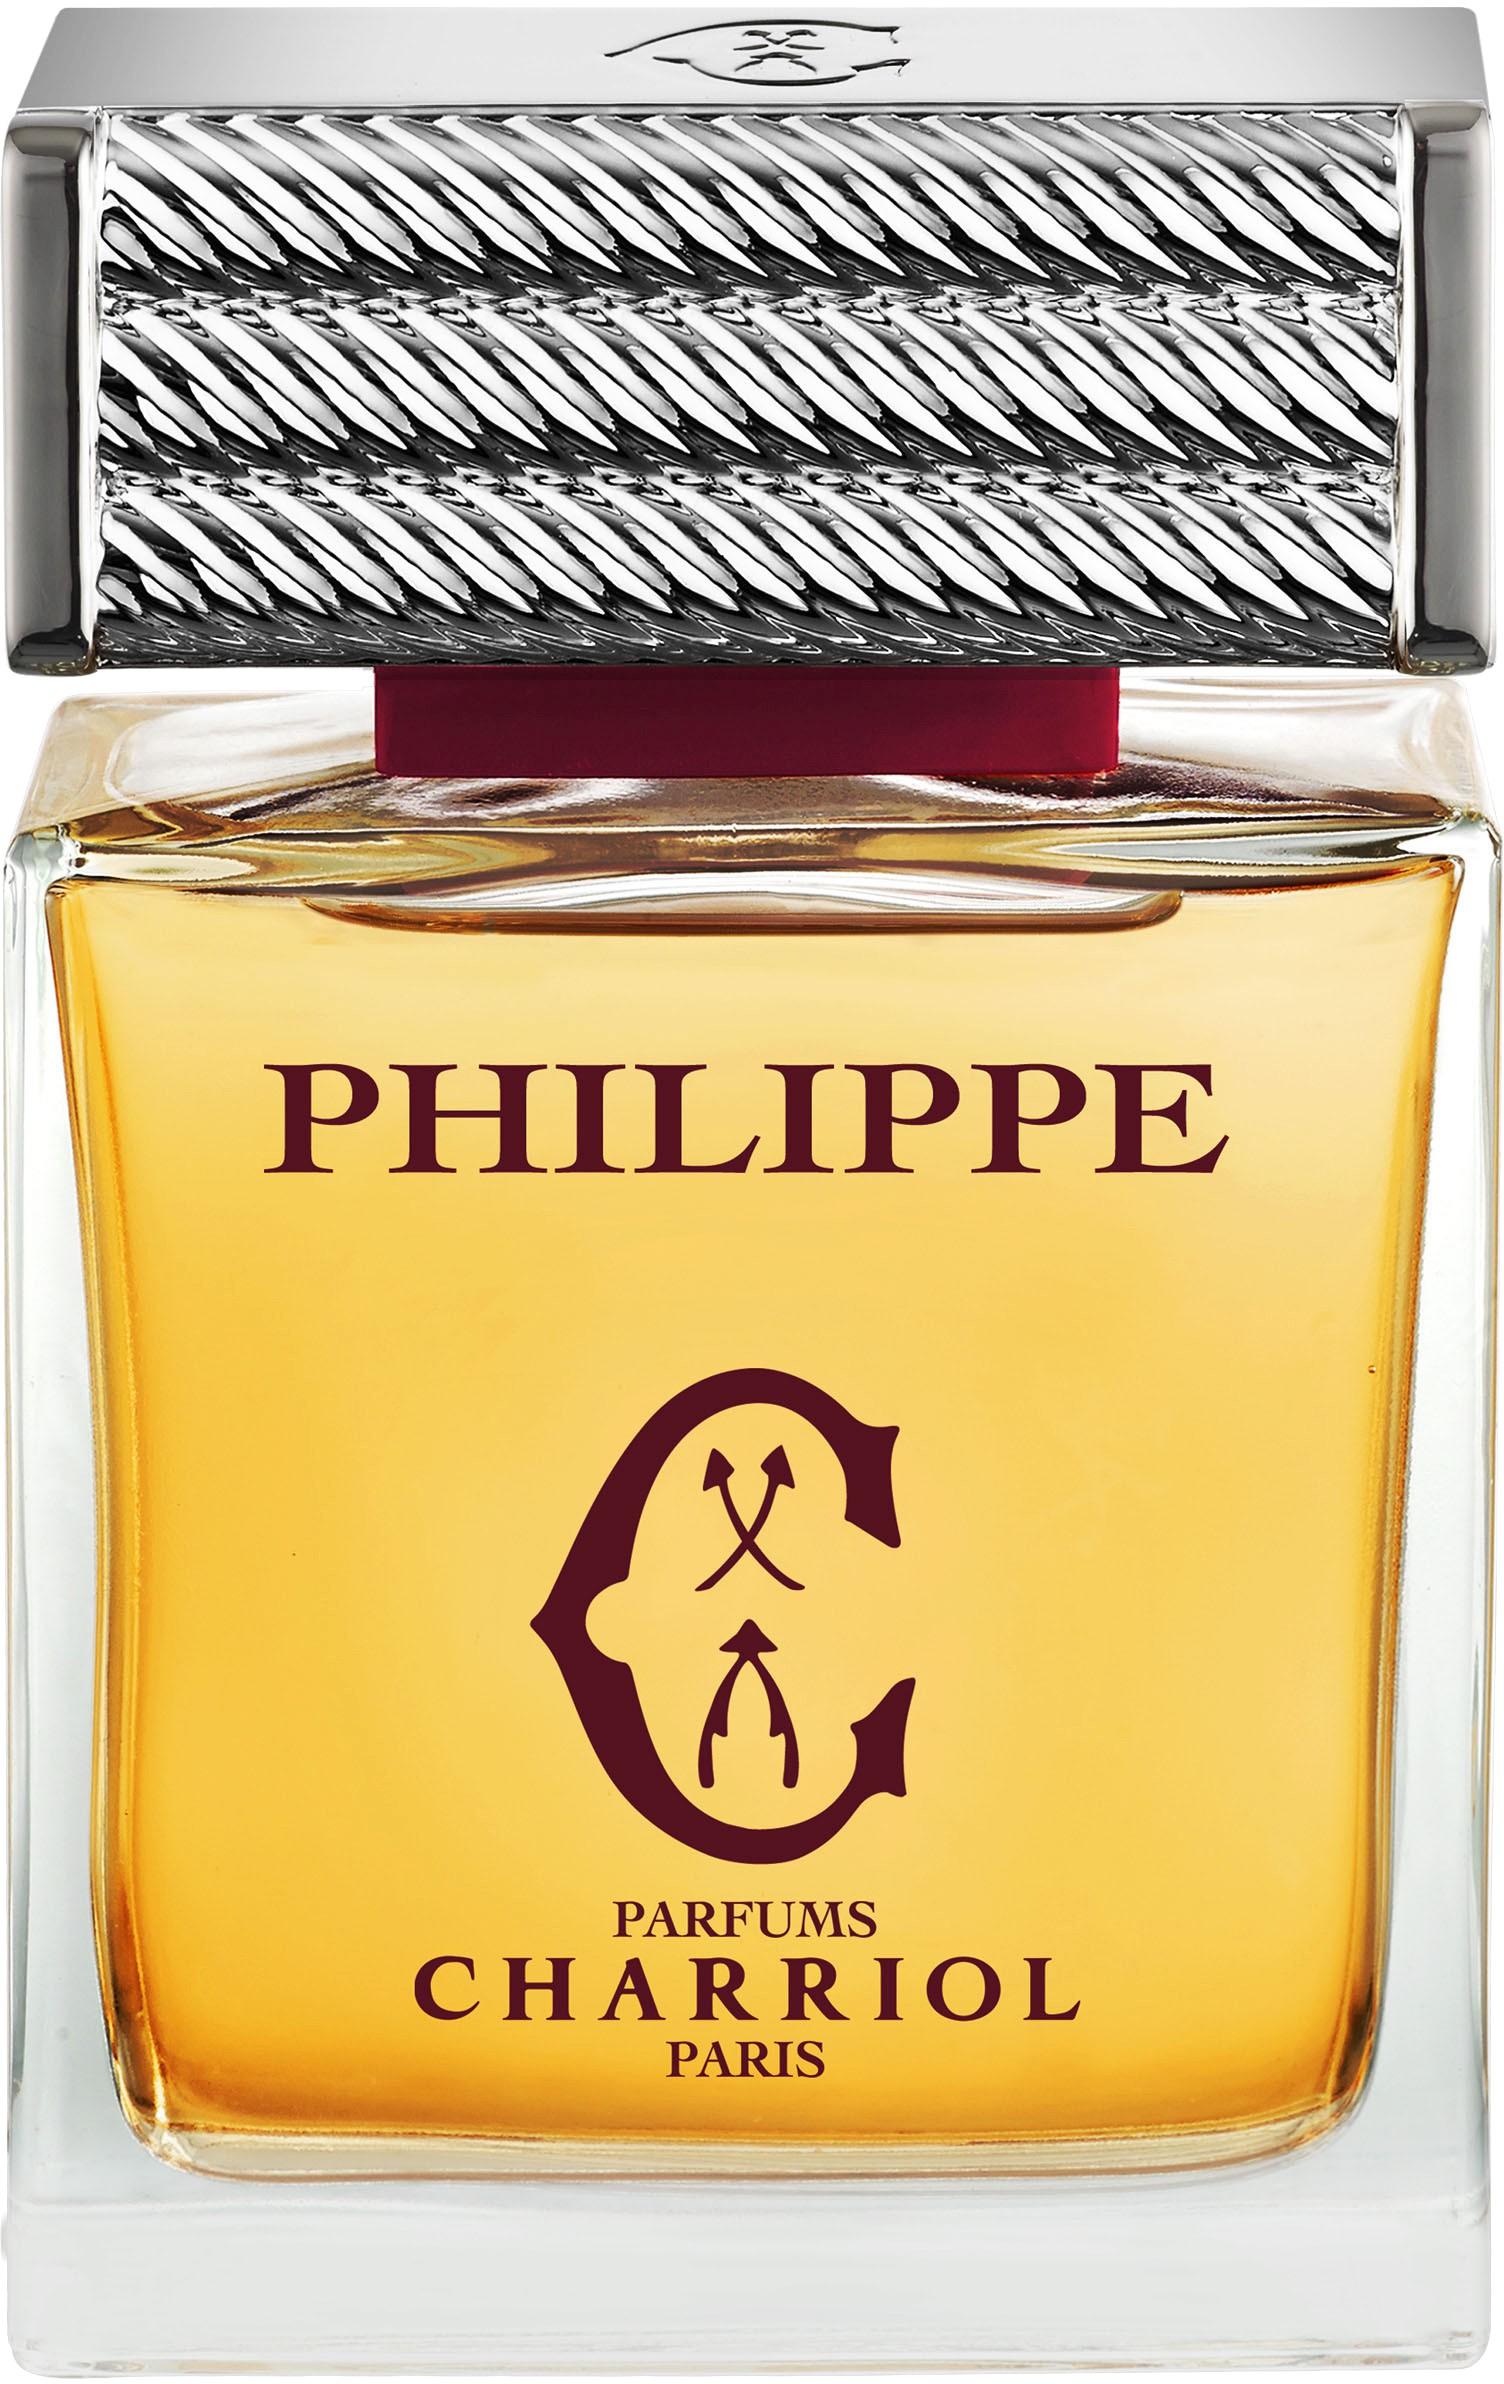 Charriol Philippe Eau de Parfum Pour Homme парфюмированная вода 100мл (Шариоль Филипп Парфюмированная Вода для Мужчин)